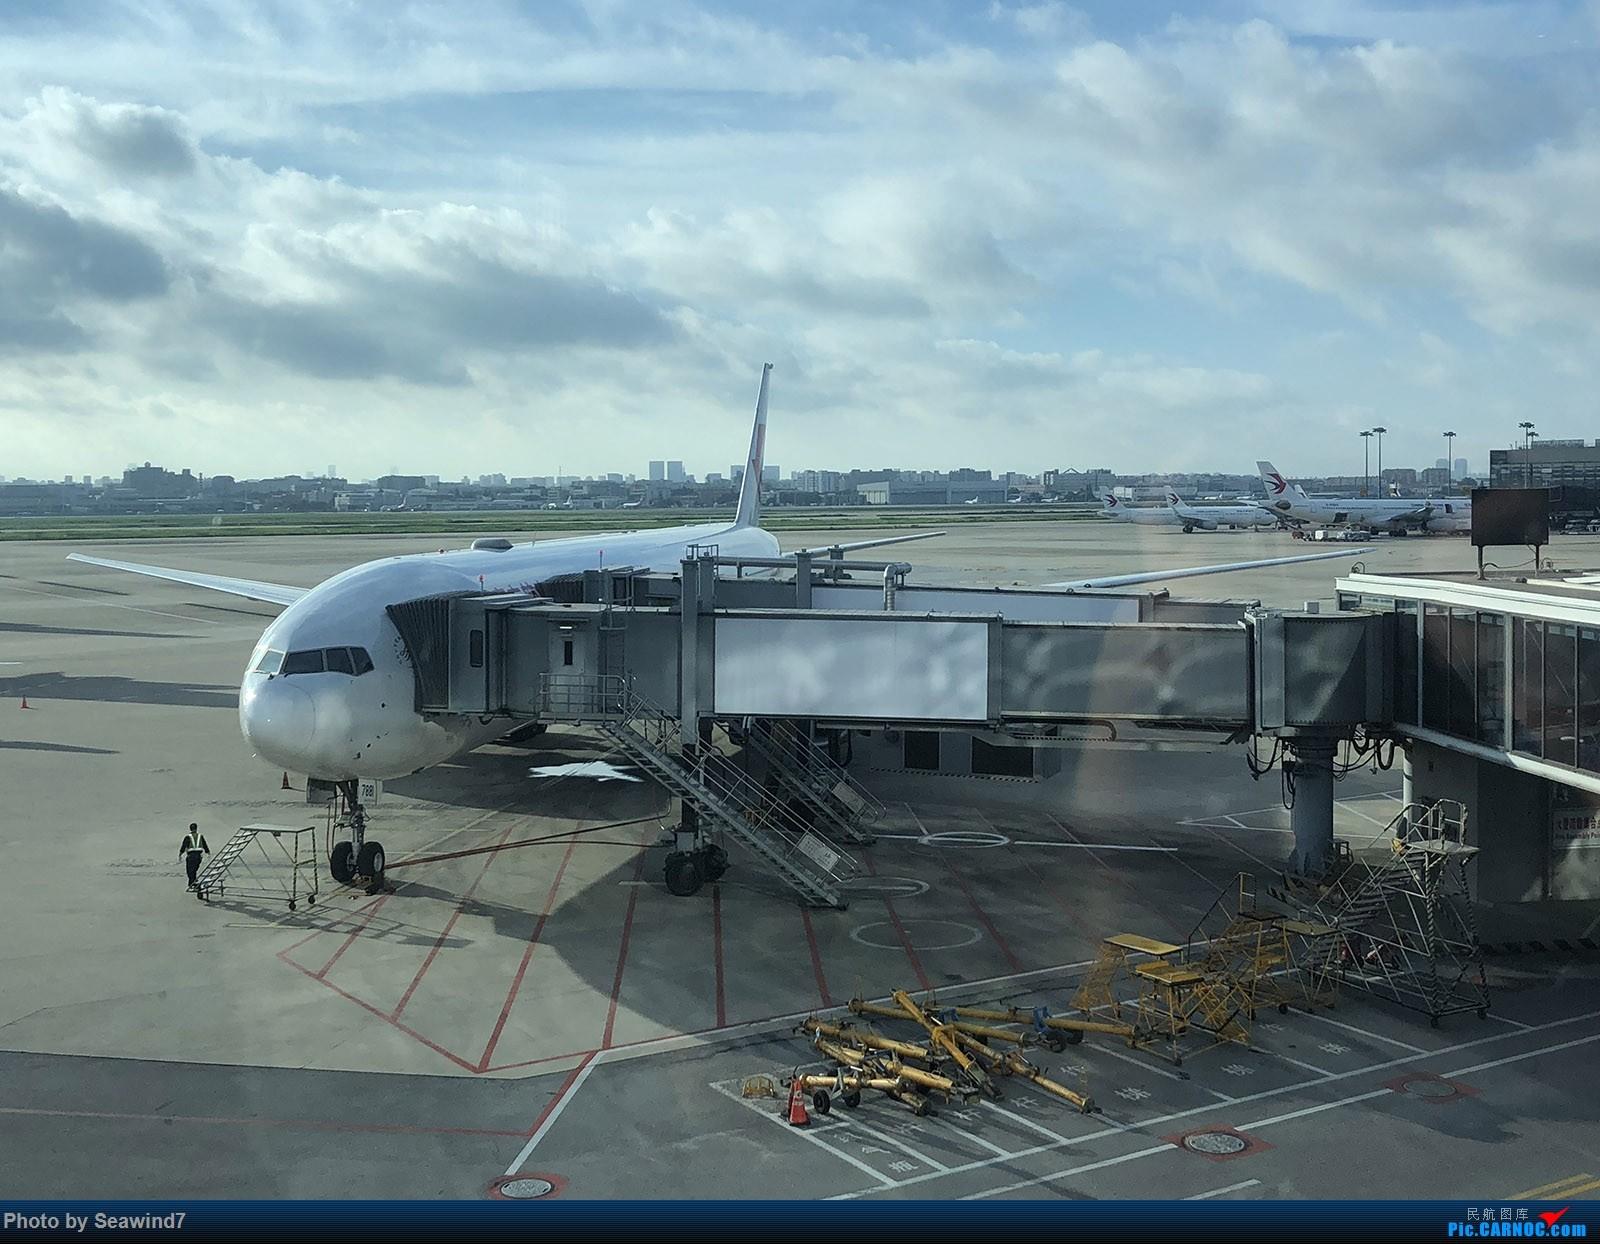 Re:[原创]东航第一架字母机/第二架320neo乘坐记 BOEING 777-300ER B-7881 中国上海虹桥国际机场